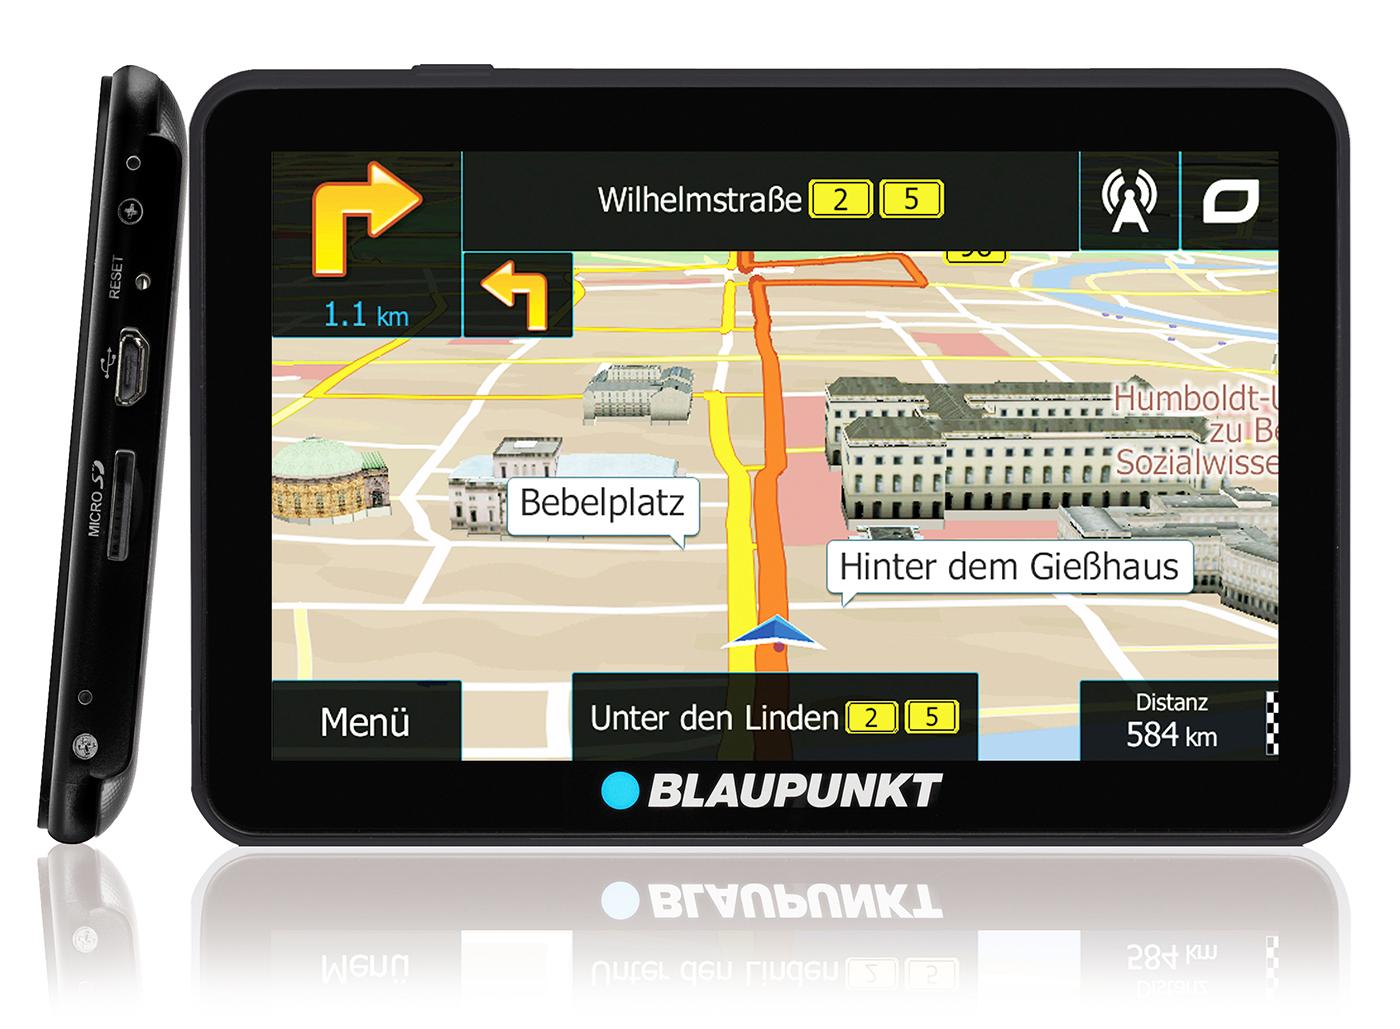 blaupunkt setzt mit neuer travelpilot serie auf igo navigation gps. Black Bedroom Furniture Sets. Home Design Ideas